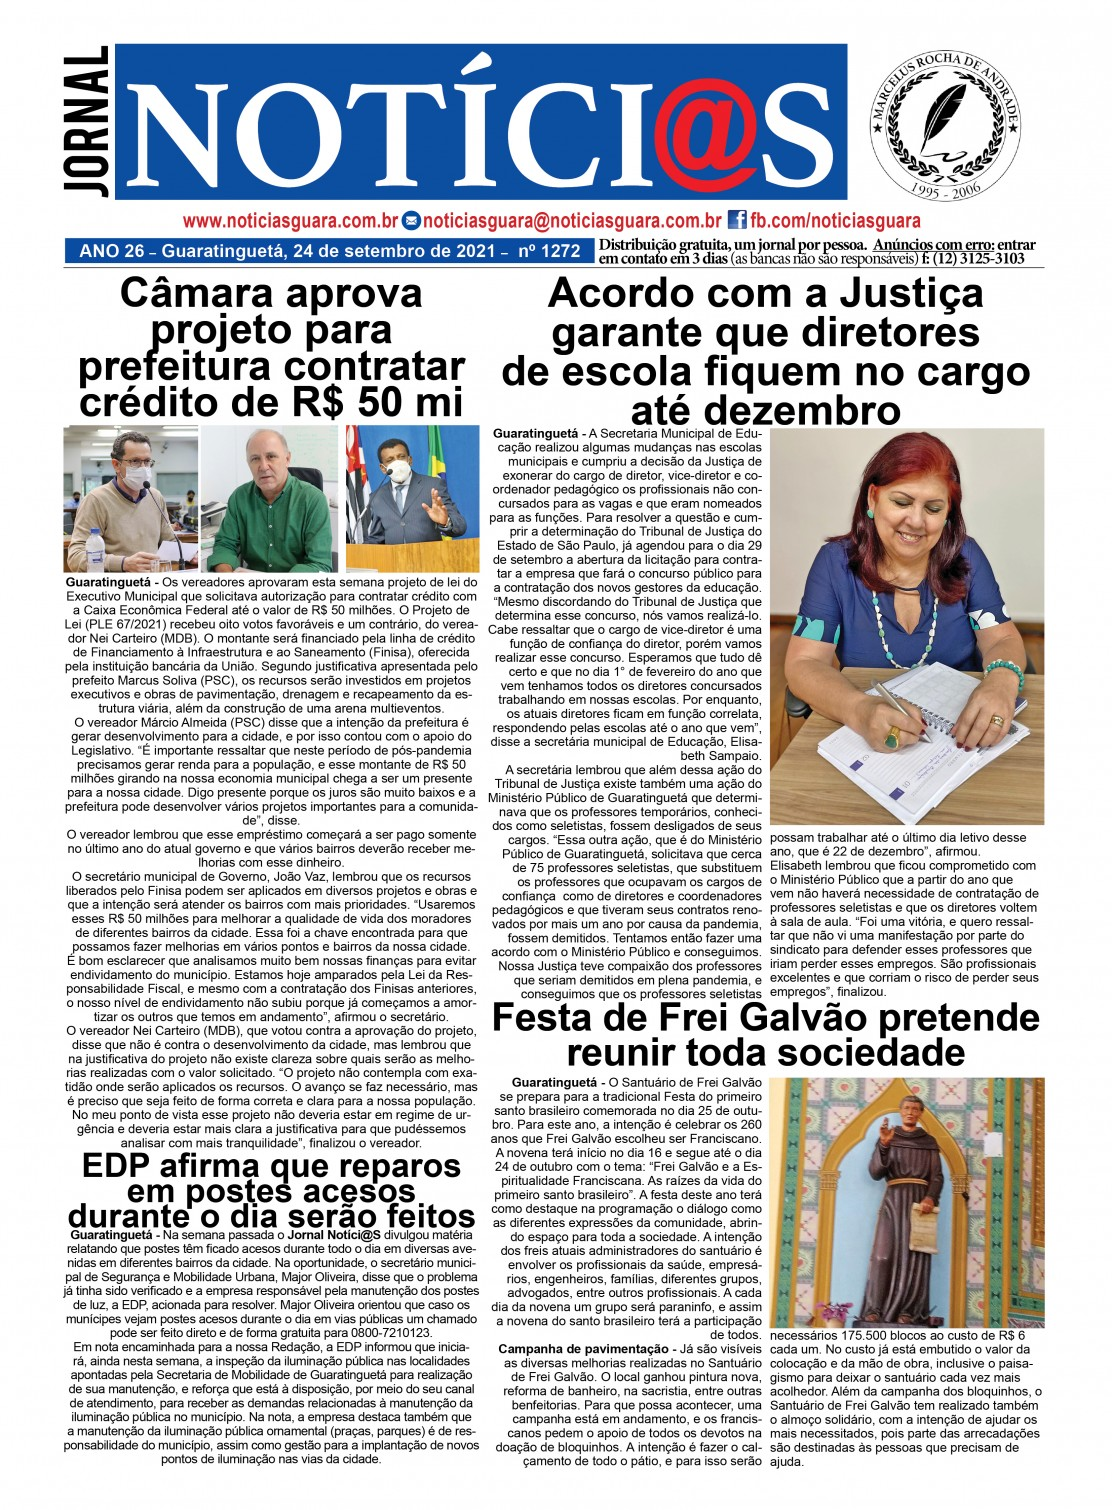 Edição nº1272 do Jornal pagina 1272